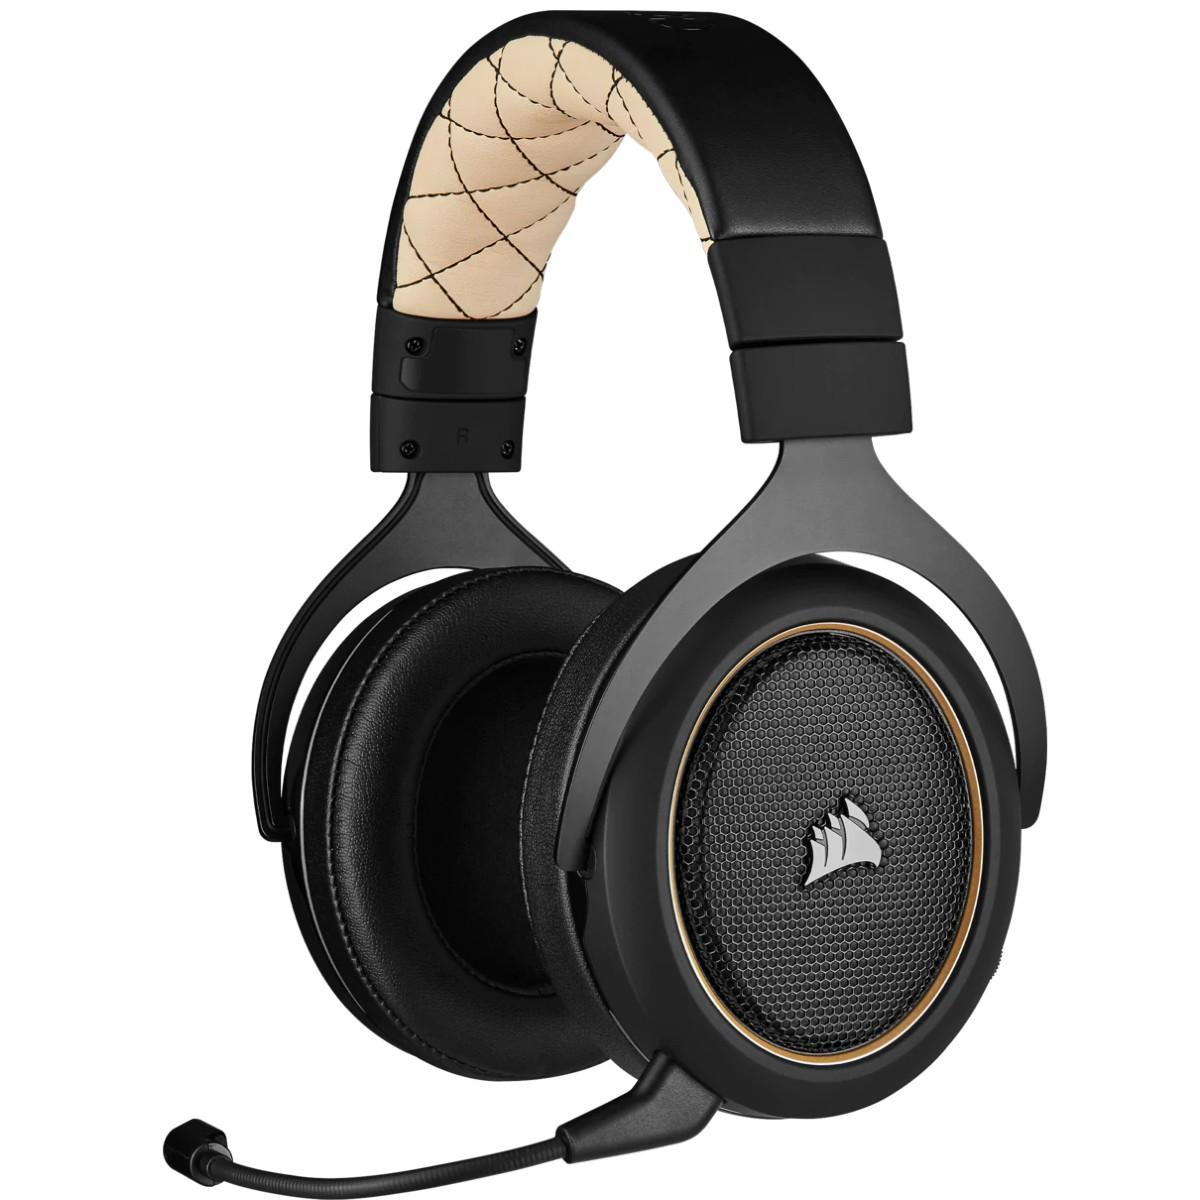 Best budget gaming headphones